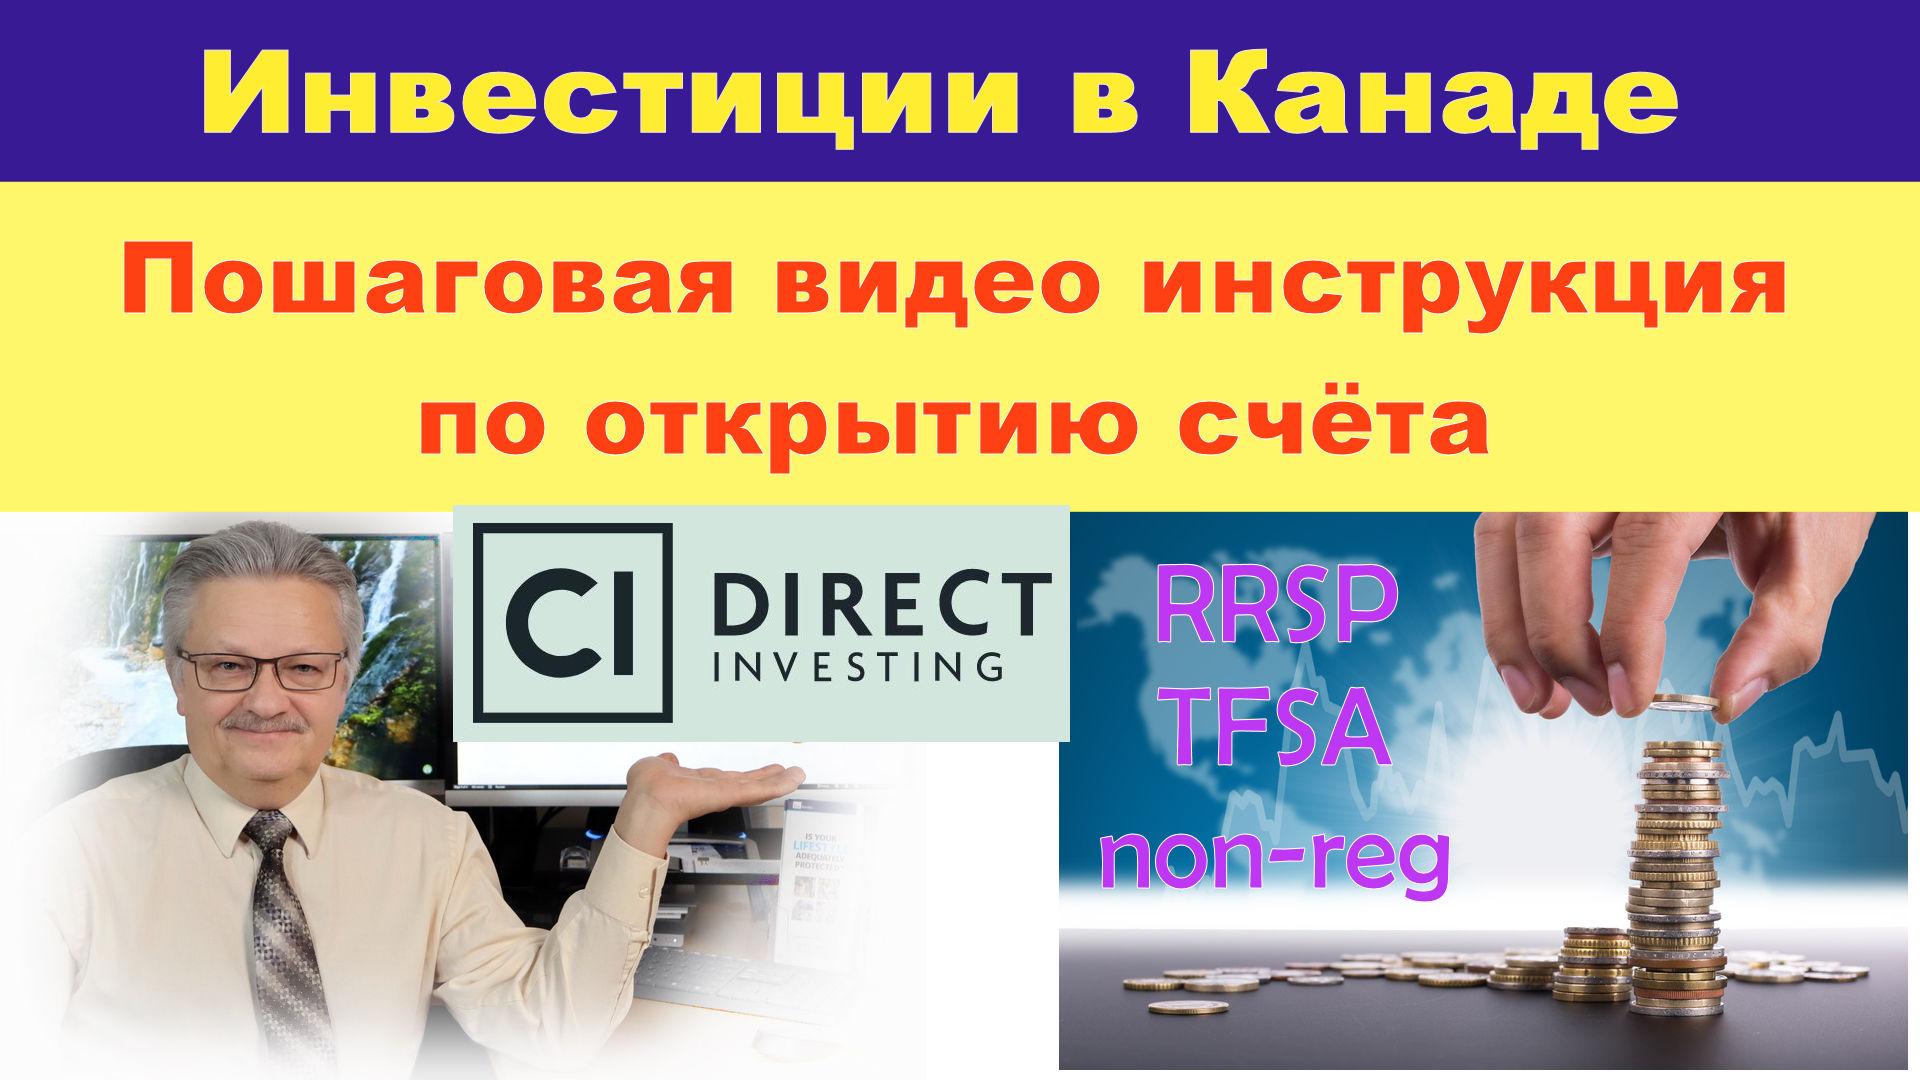 Видео инструкция как открыть инвестиционный счёт